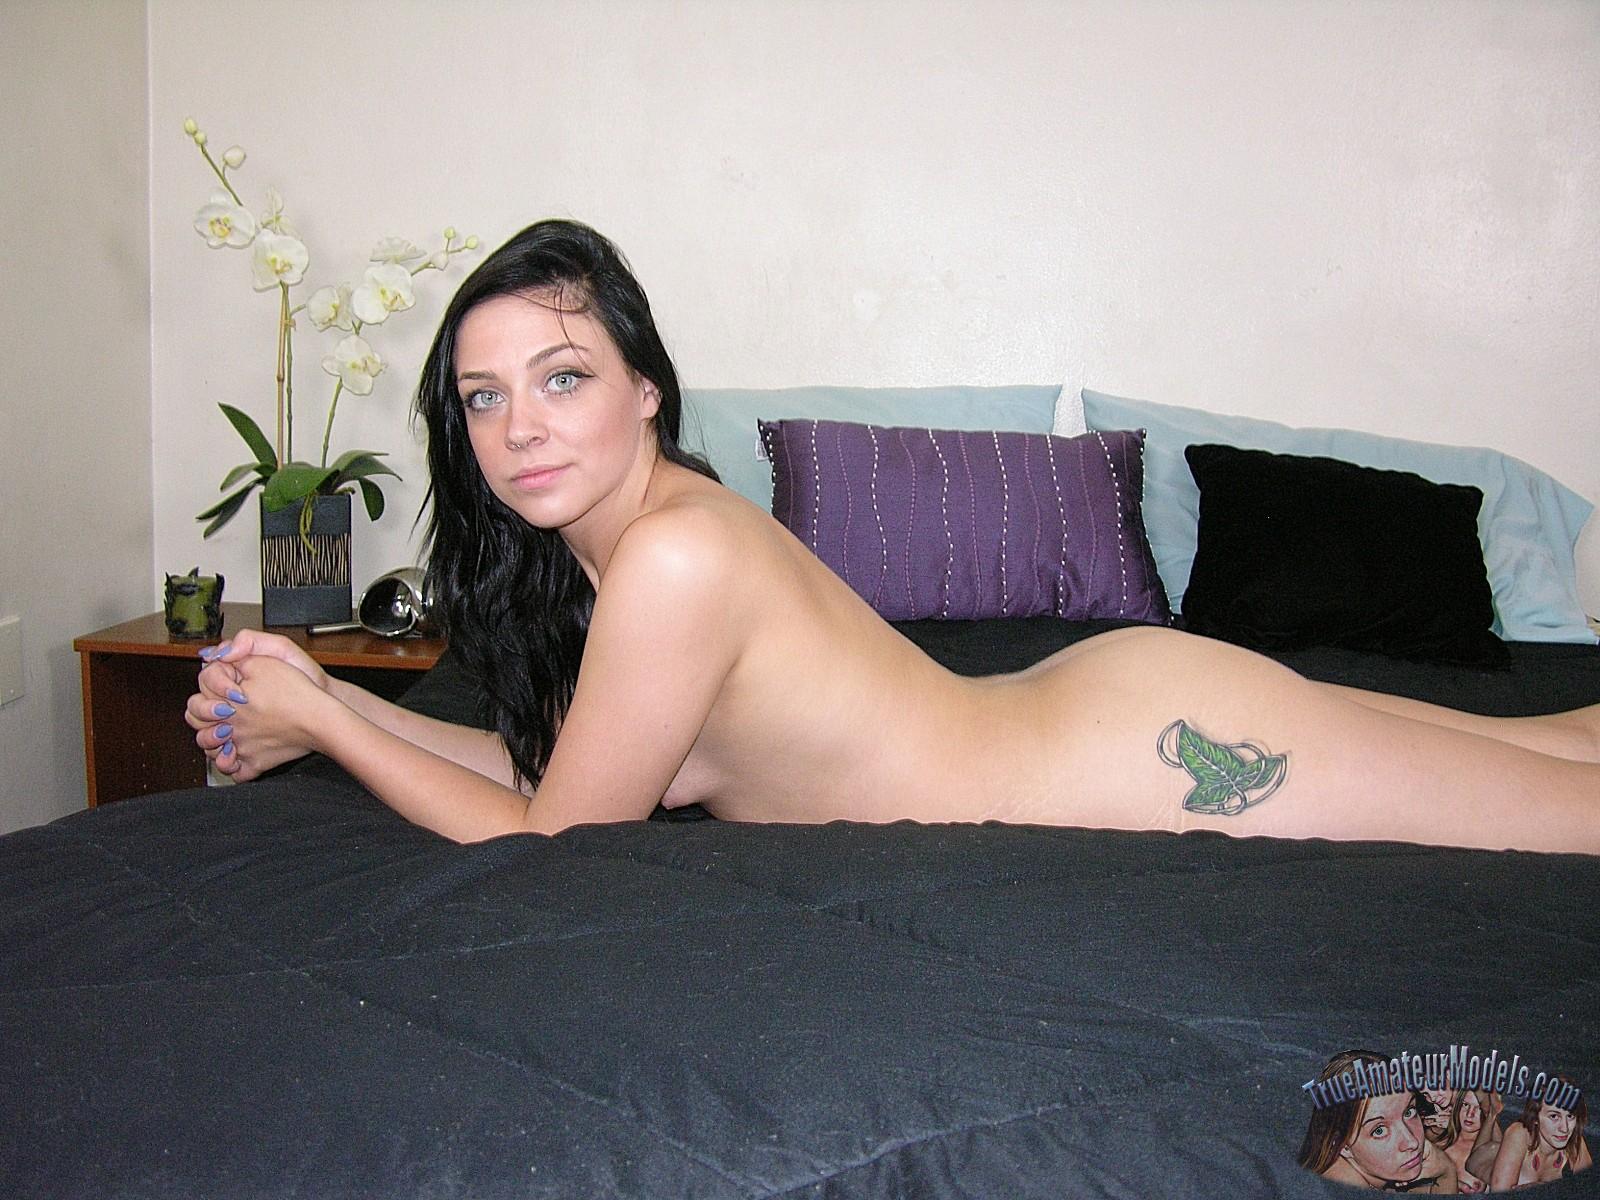 Skinny amateur model nude thumbs moms sex